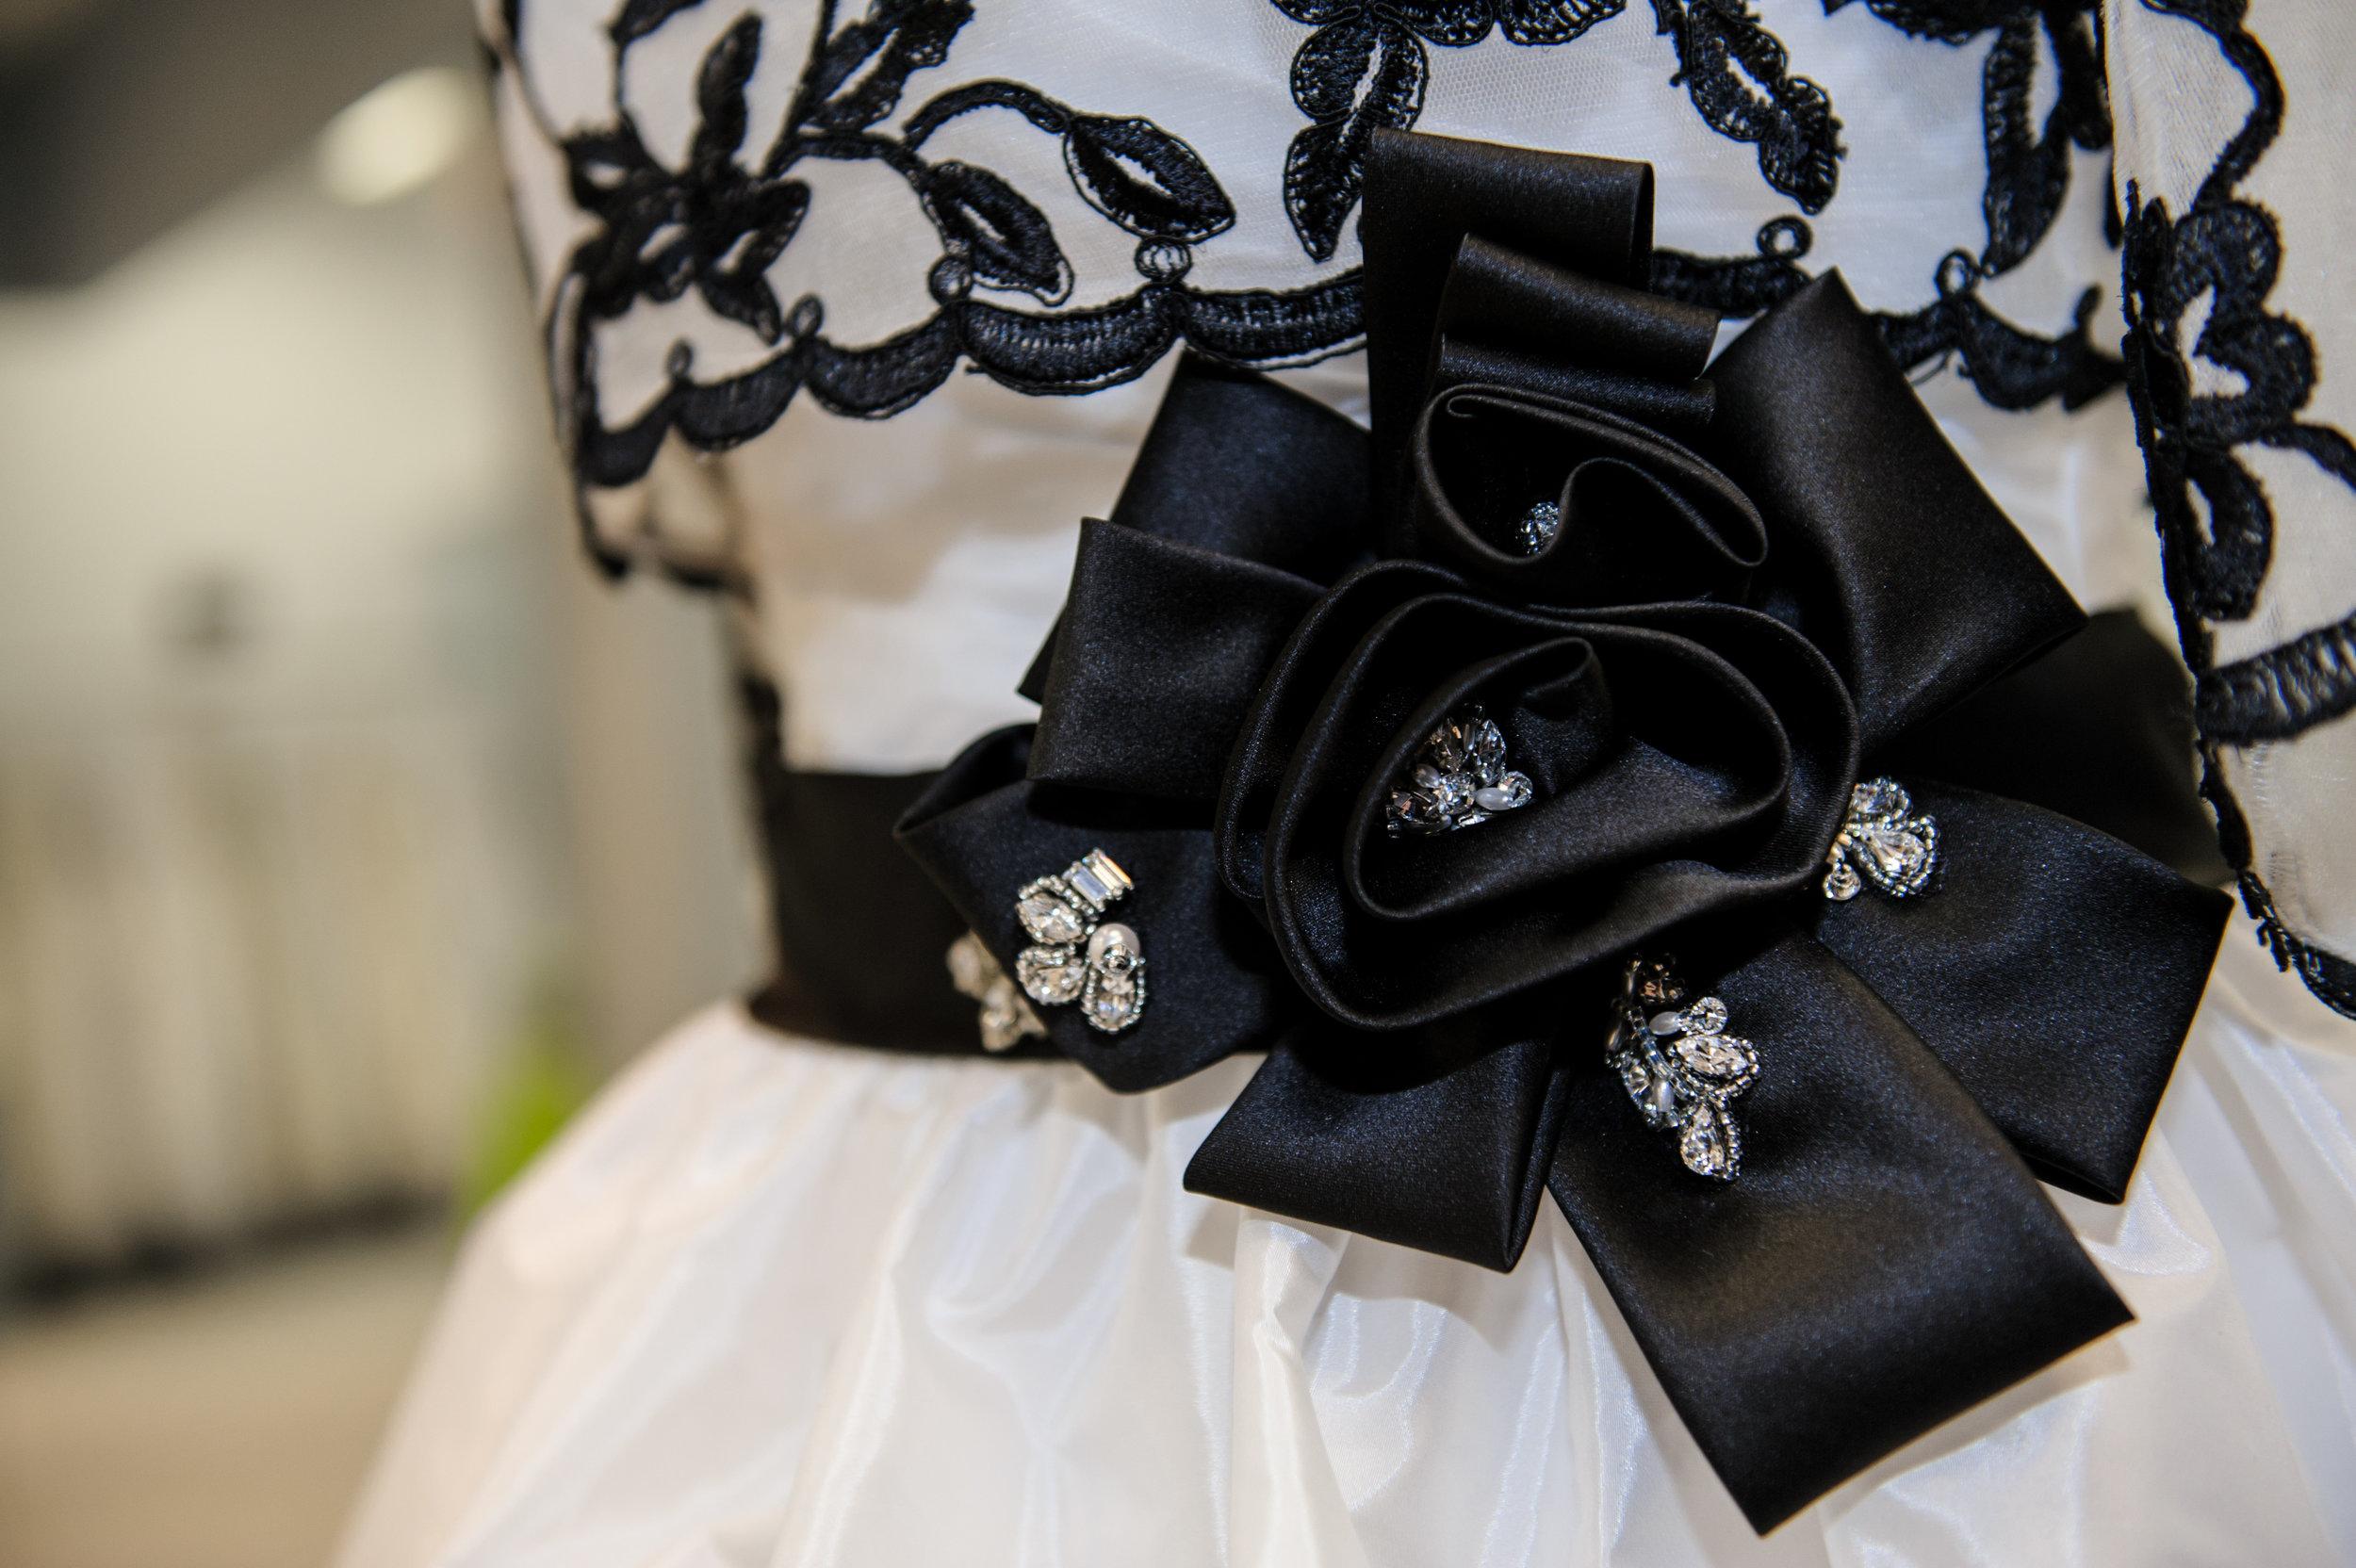 Alfred-Angelo-Disney-Fashion-OKC-2012-0012.jpg